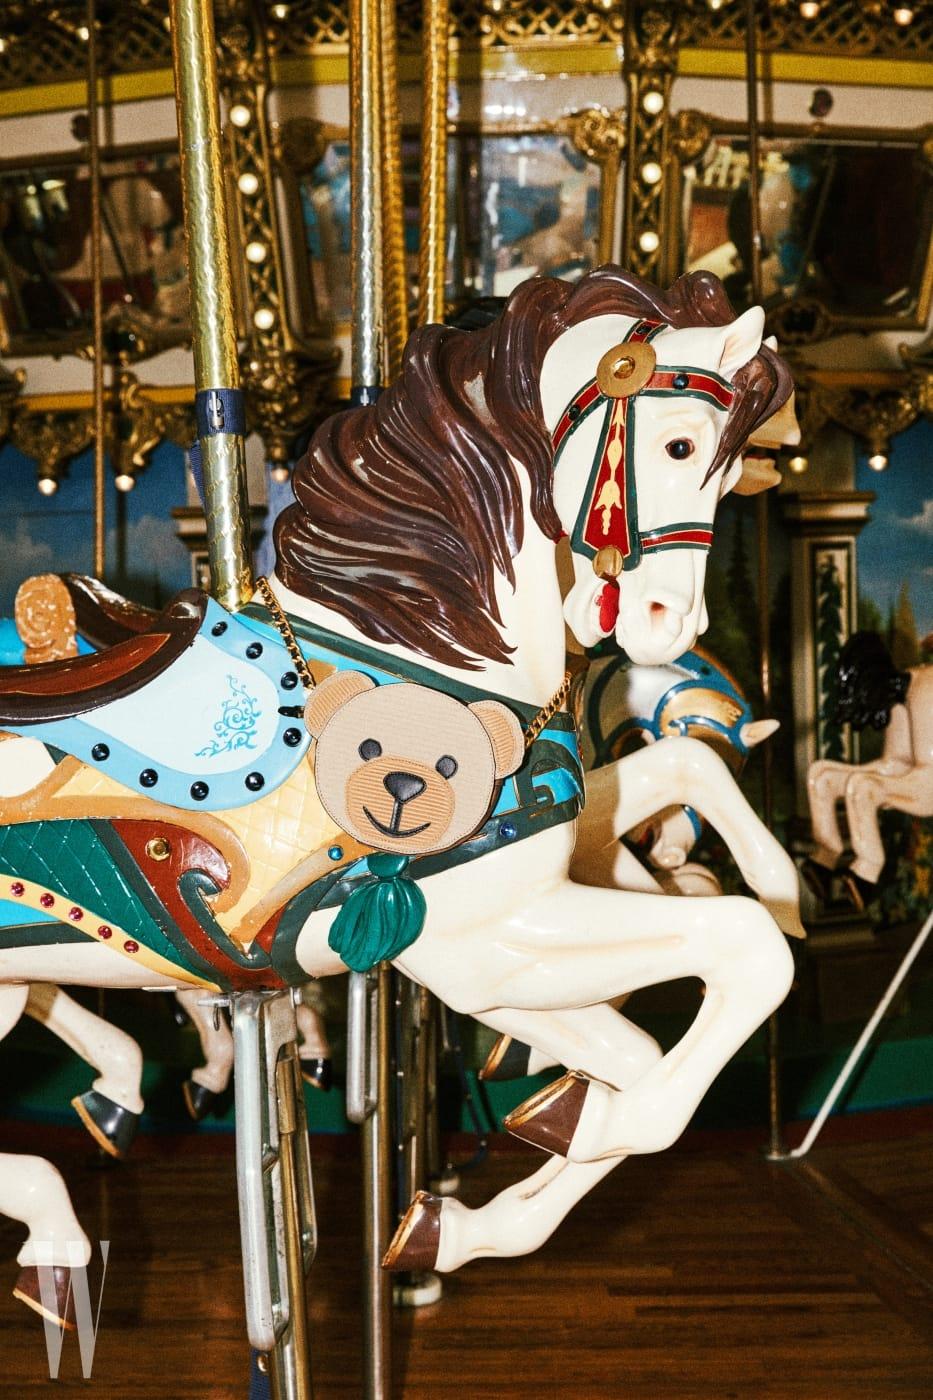 회전목마에 걸린 곰돌이 모양 체인 백은 모스키노 제품. 93만원